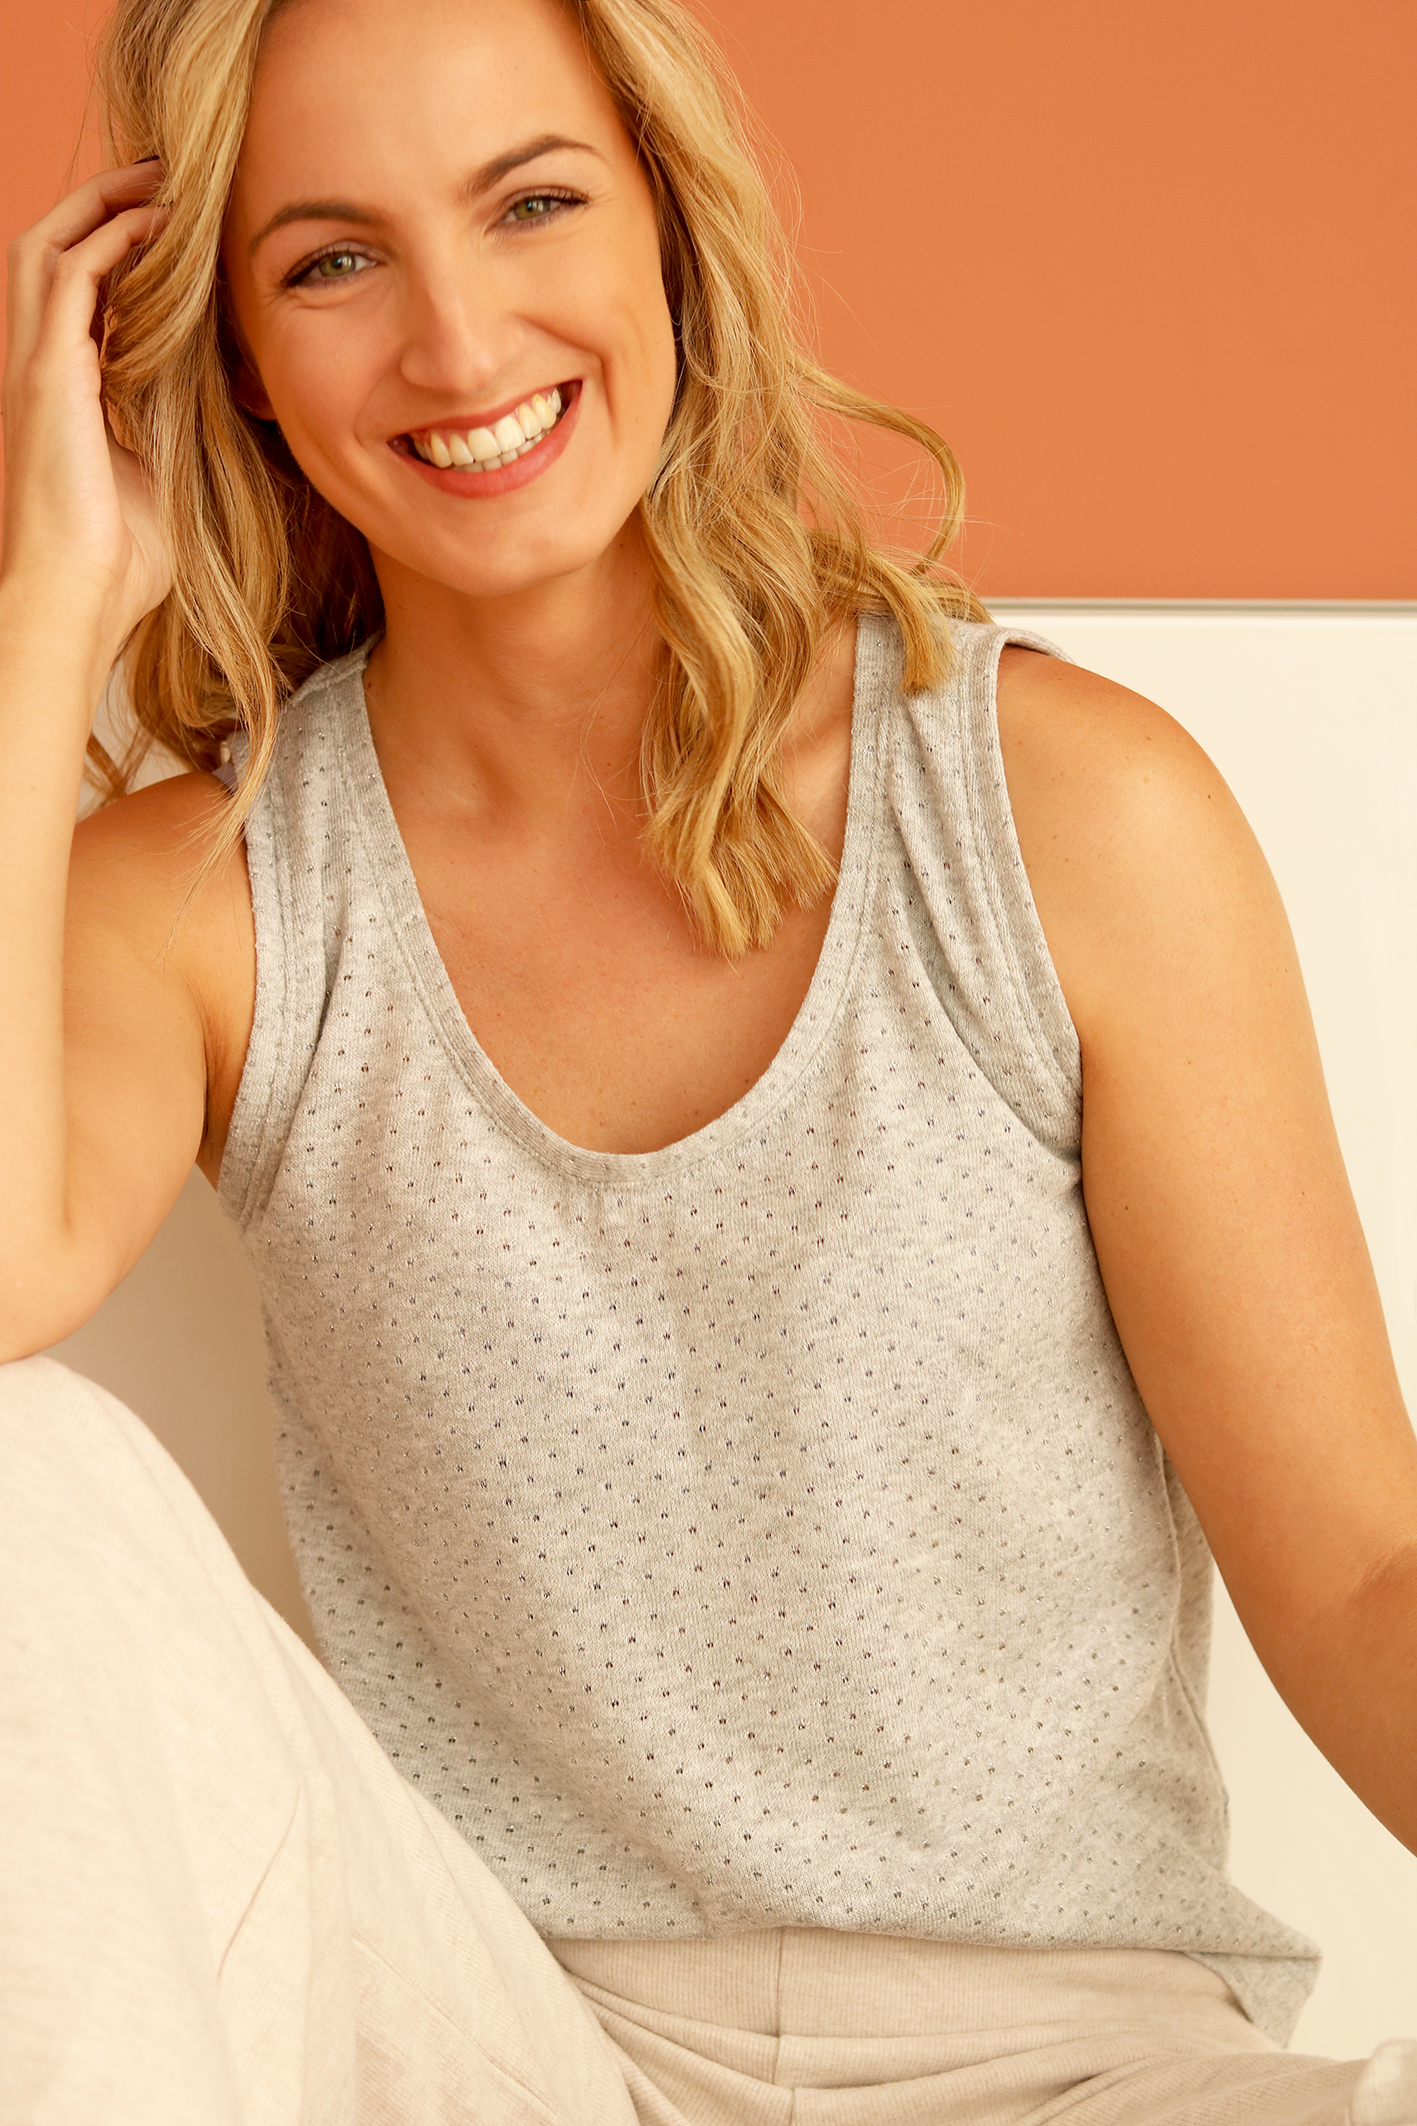 modèle-mannequin-blonde-lyon